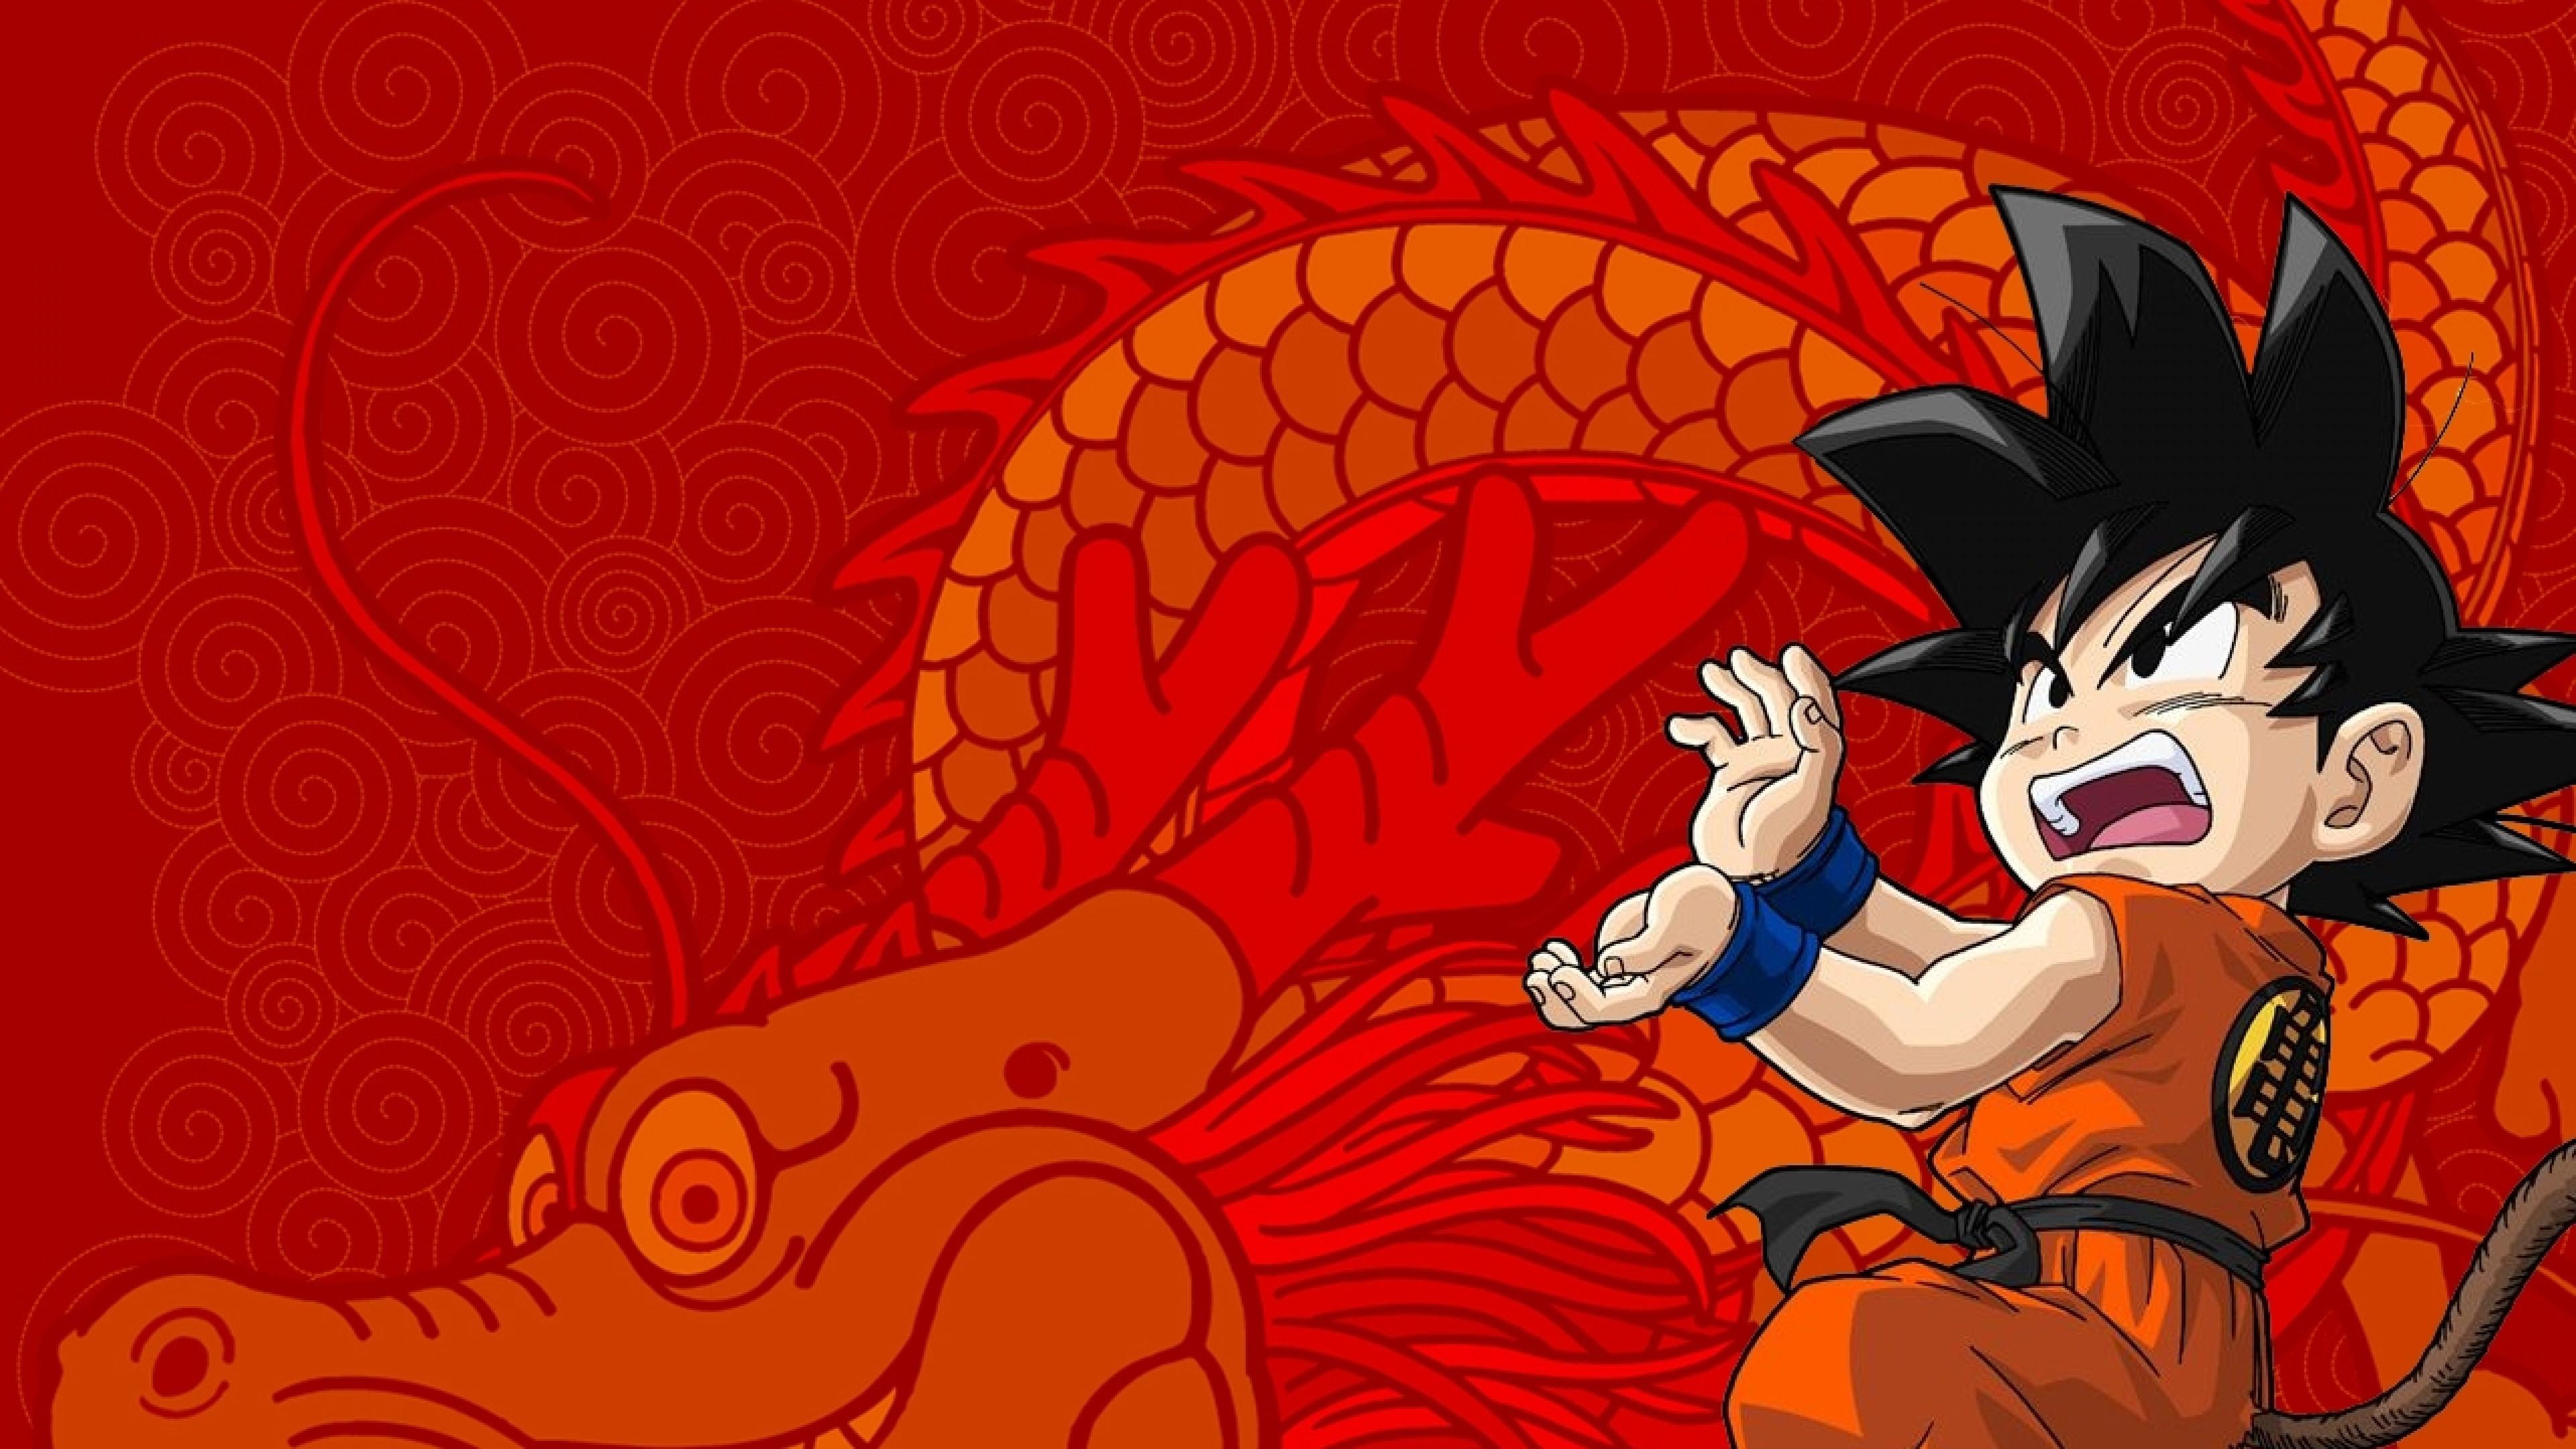 Son Goku Supreme Anime Wallpapers - Wallpaper Cave